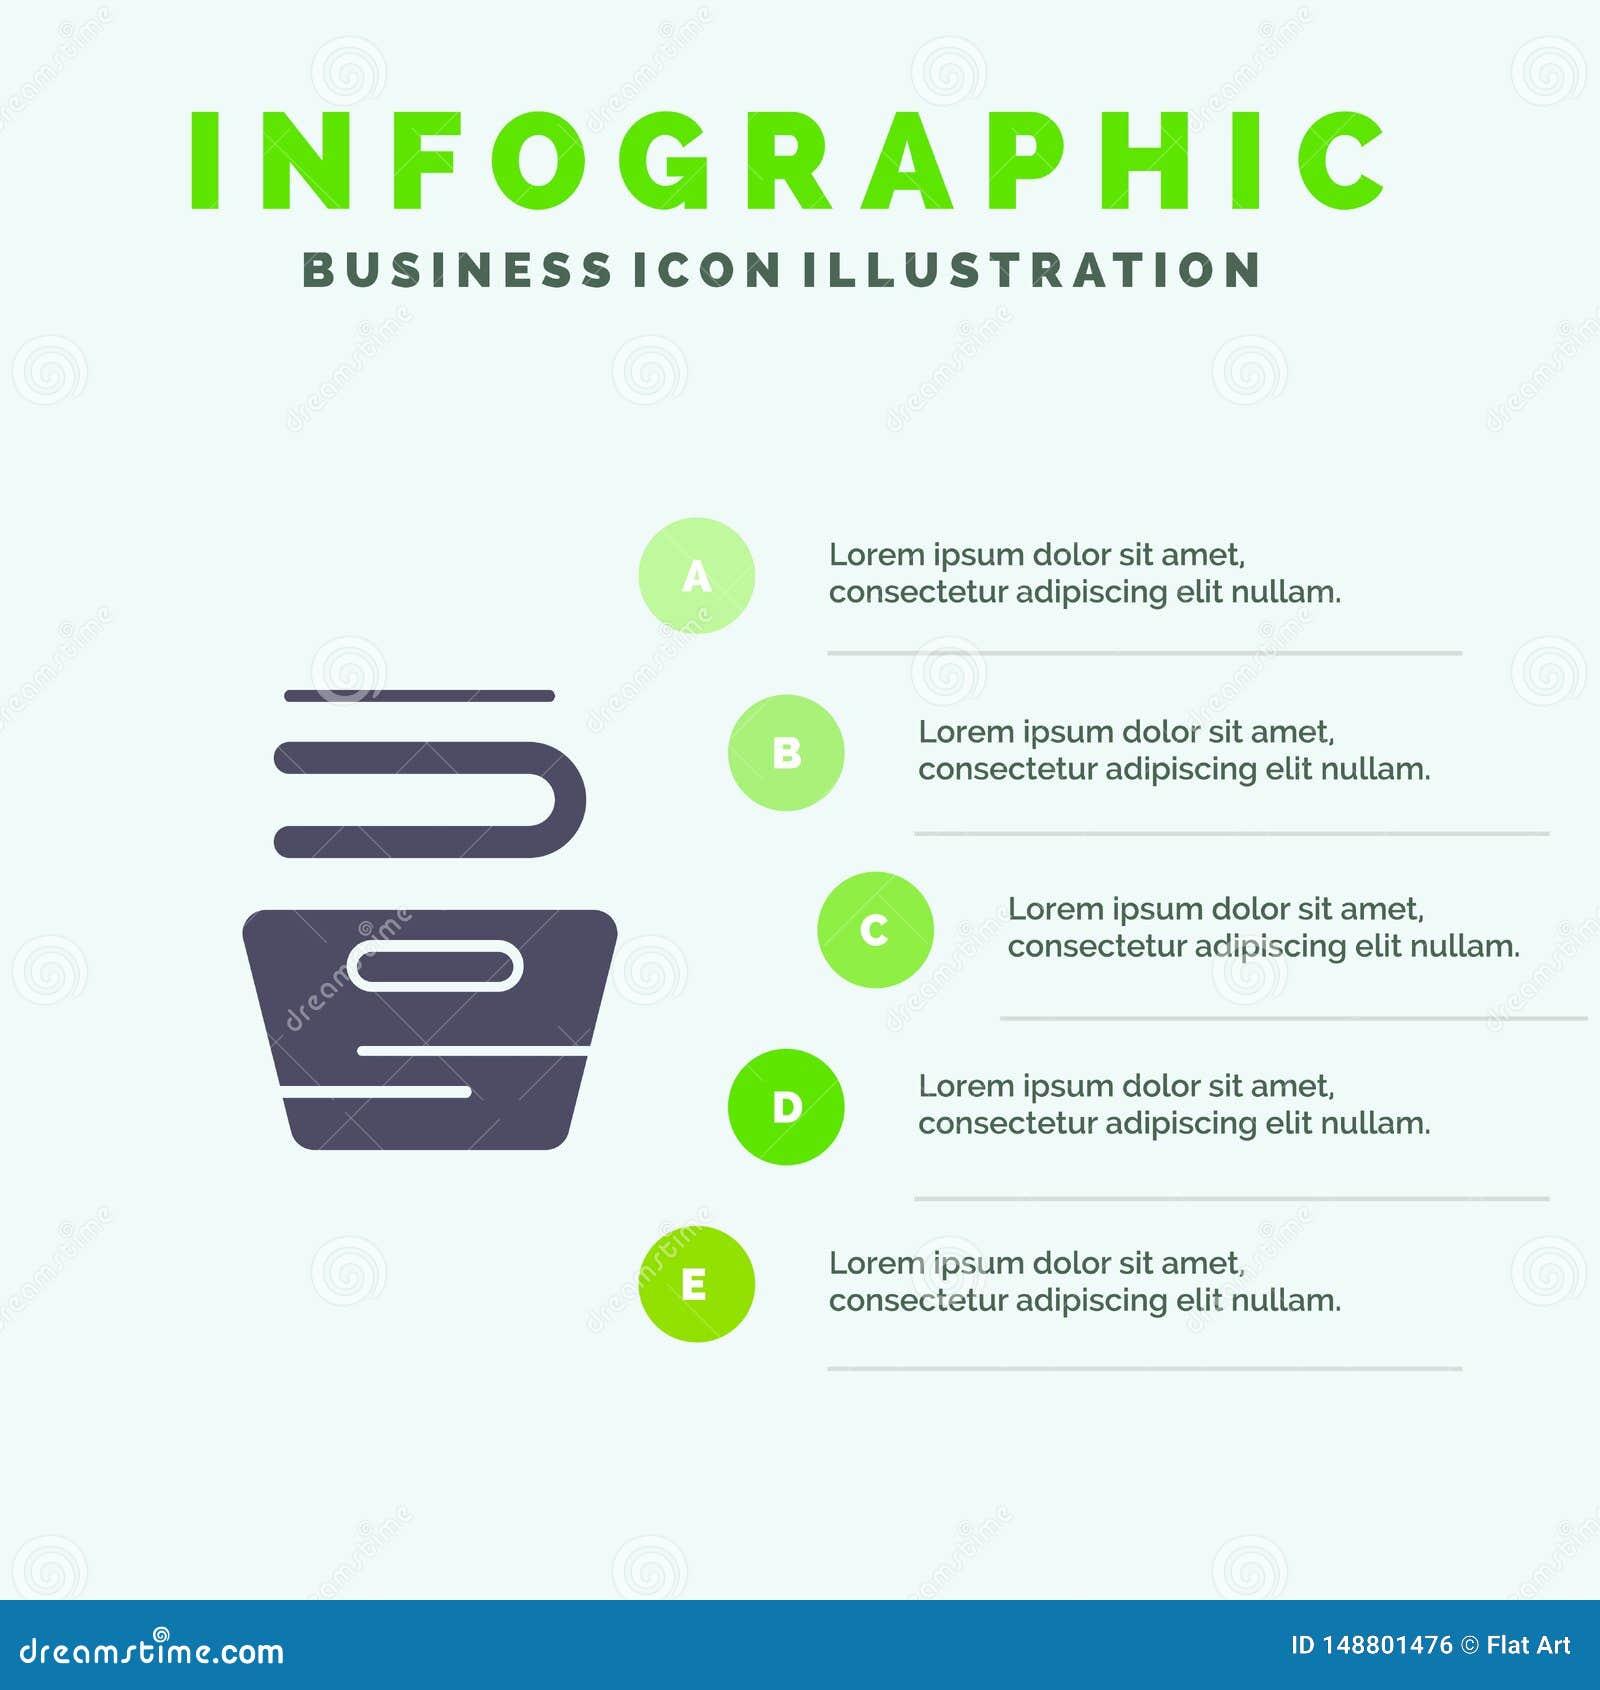 Καθαρισμός, ενδύματα, οικοκυρική, πλένοντας στερεό εικονίδιο Infographics 5 υπόβαθρο παρουσίασης βημάτων